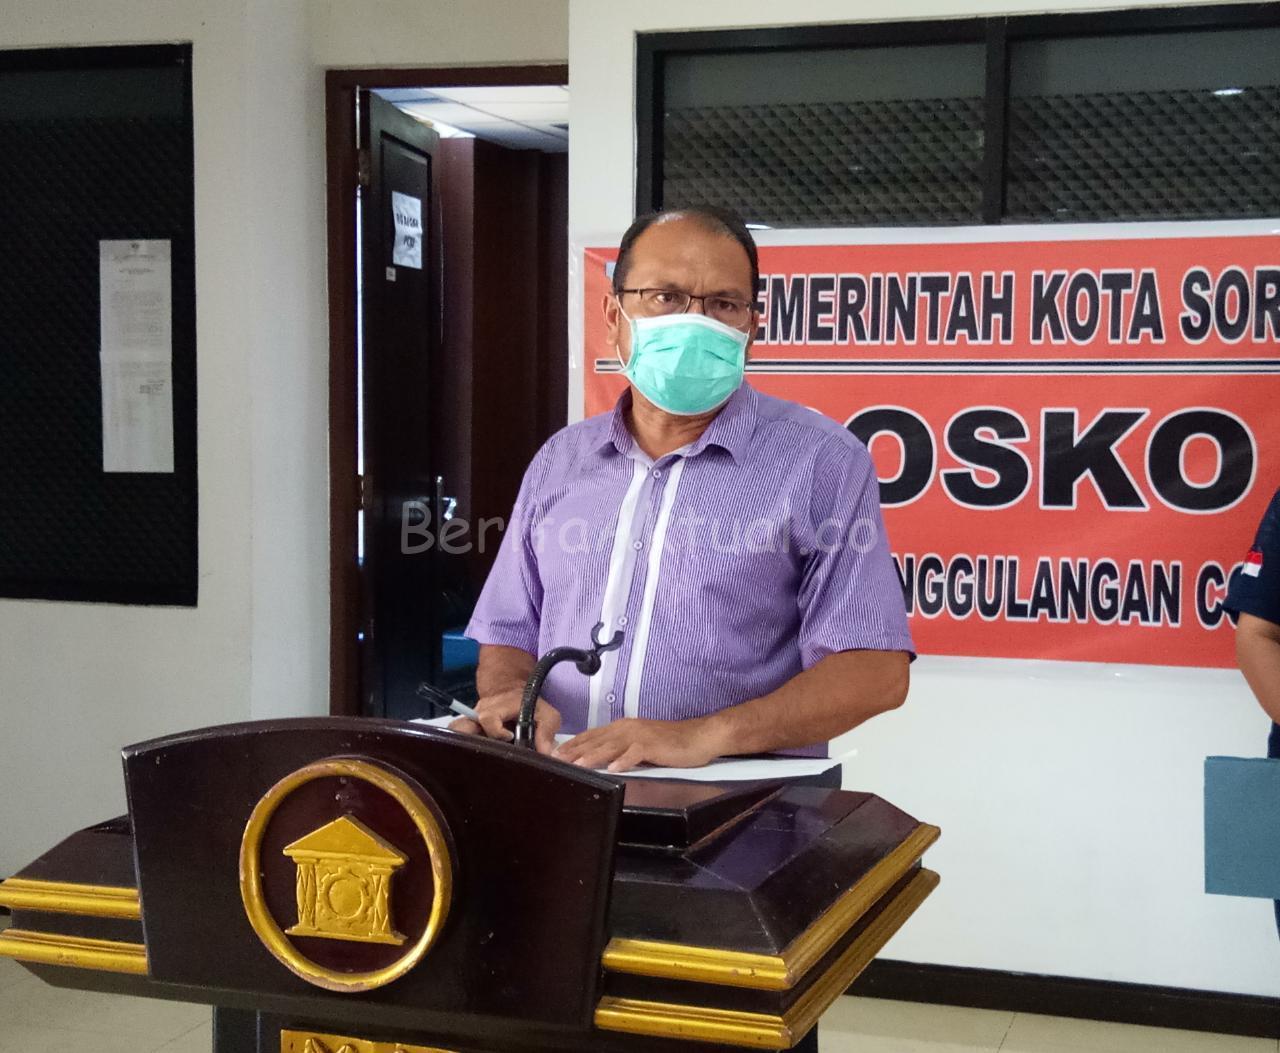 Orang Tanpa Gejala Corona Hampir Tersebar di Semua Distrik Kota Sorong 18 IMG 20200404 WA0041 1